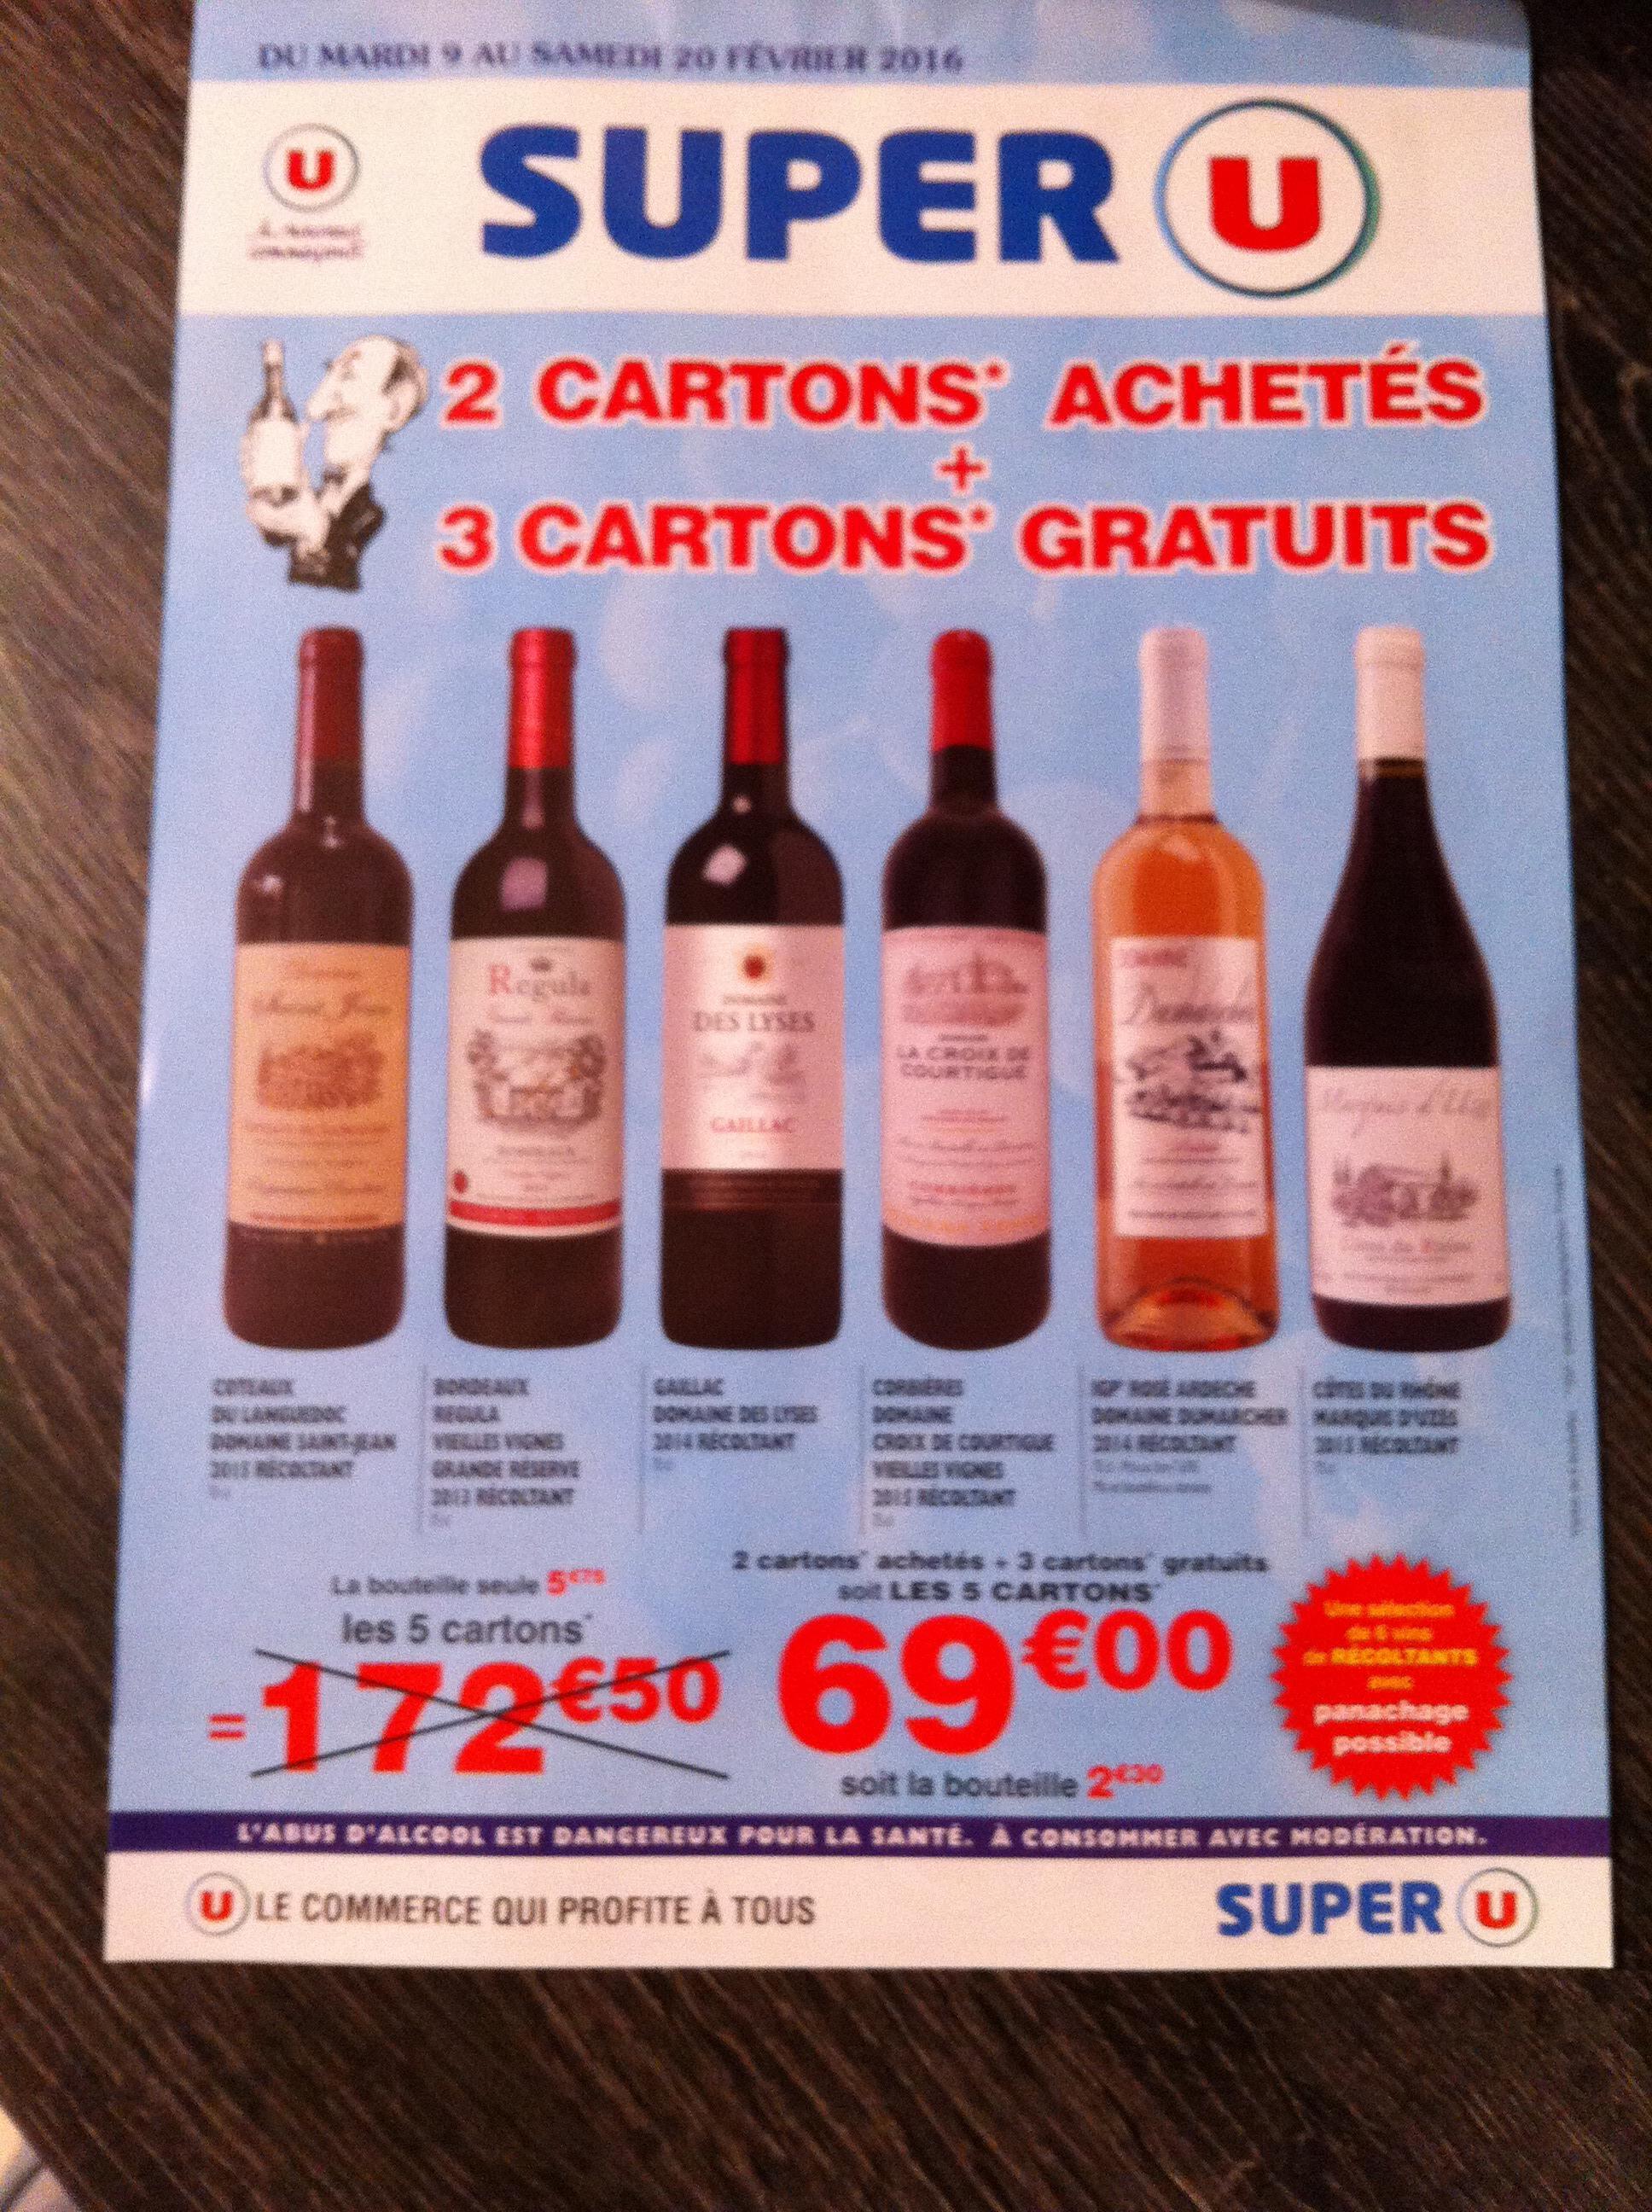 2 cartons de vins achetés = 3 cartons offerts, soit les 5 cartons